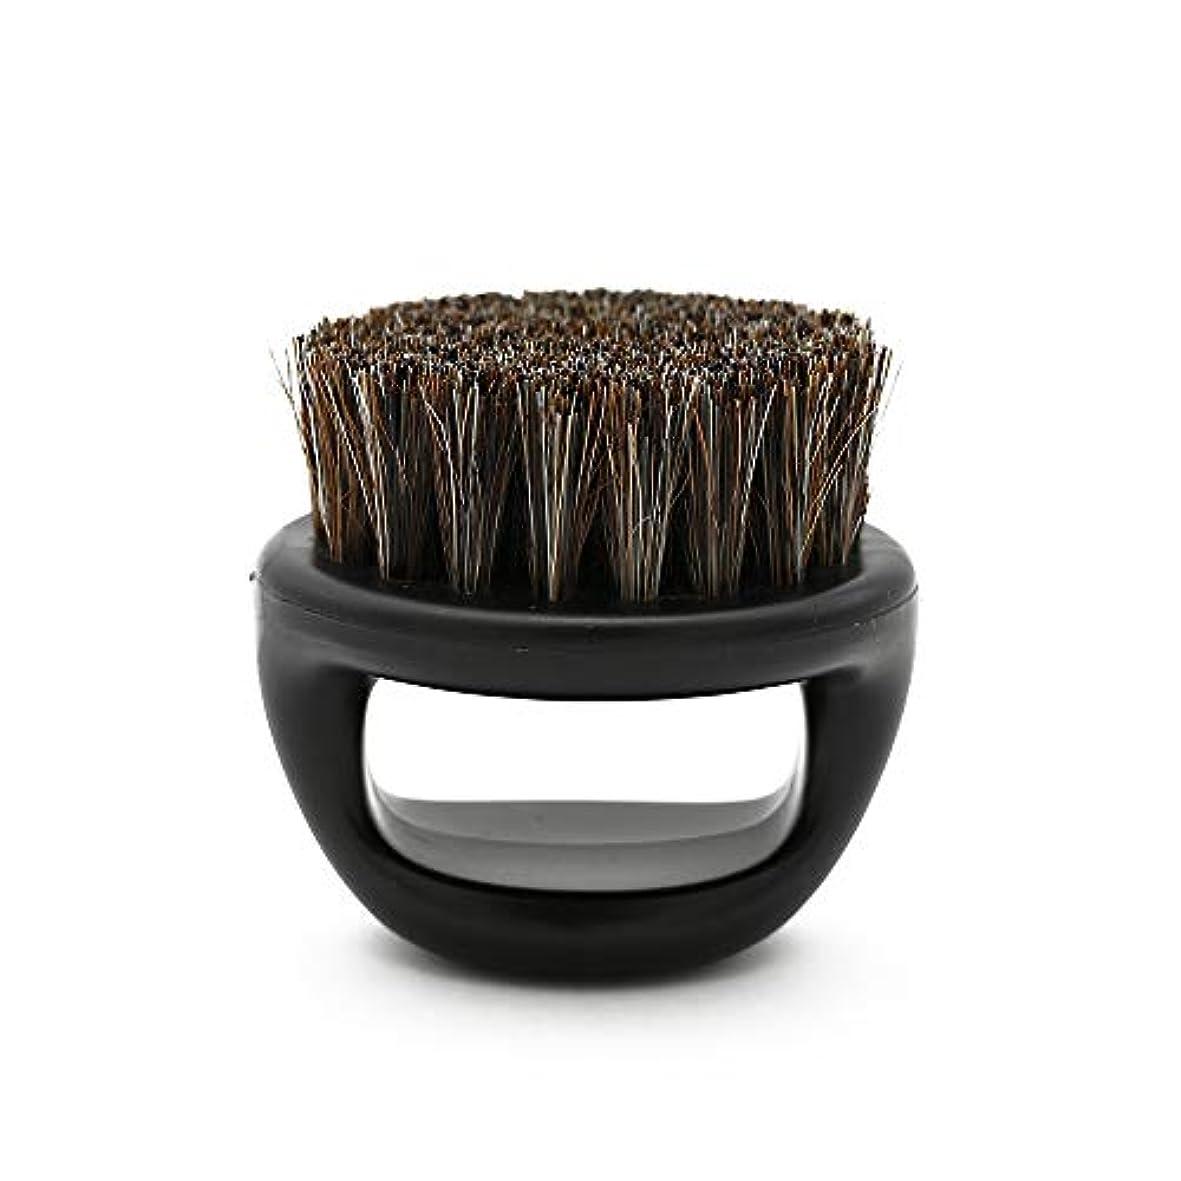 拾うスラックジレンマTOOGOO 1個リングデザイン馬毛メンズシェービングブラシプラスチック製の可搬式理容ひげブラシサロンフェイスクリーニングかみそりブラシ(ブラック)